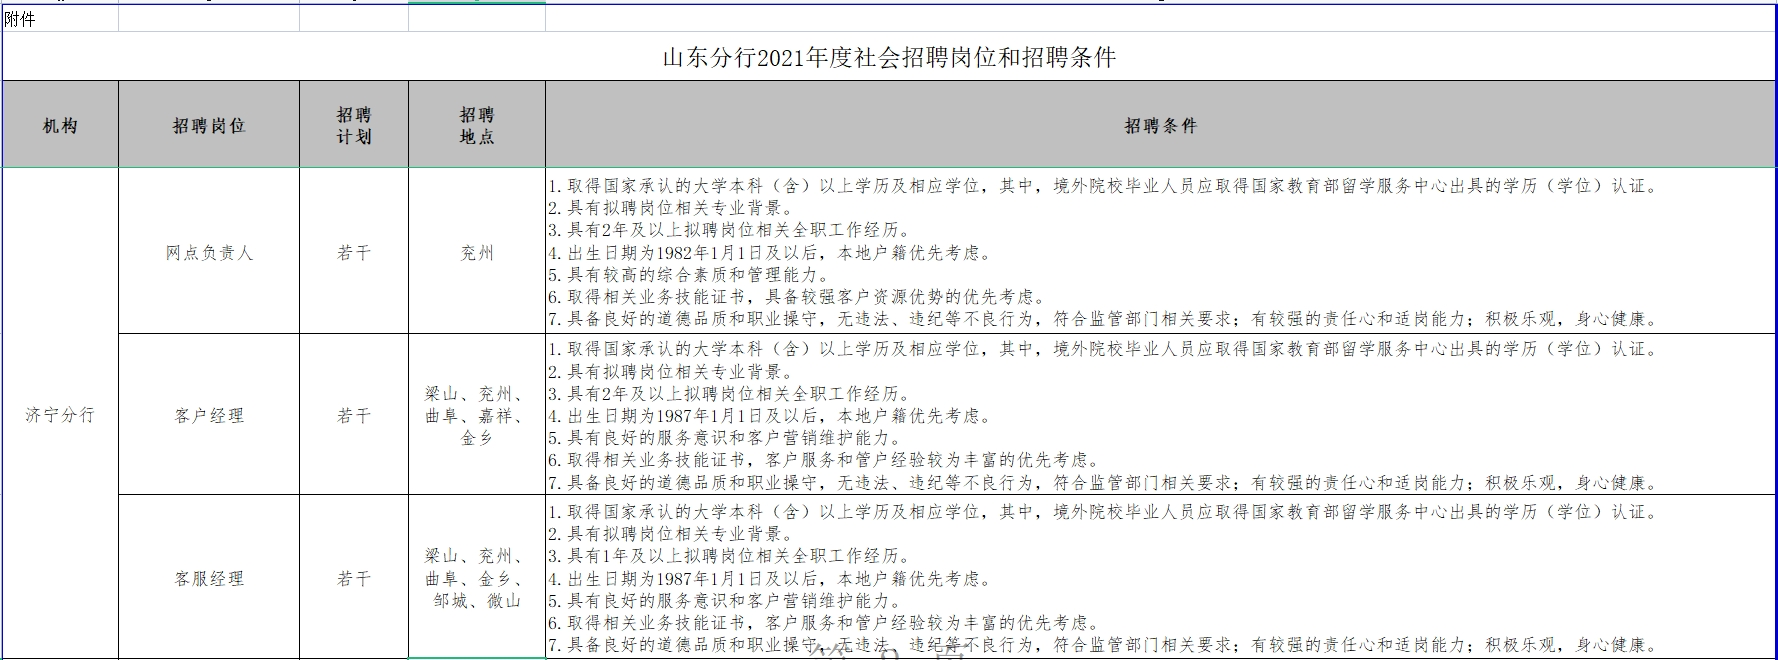 中国工商银行山东省分行社会招聘公告